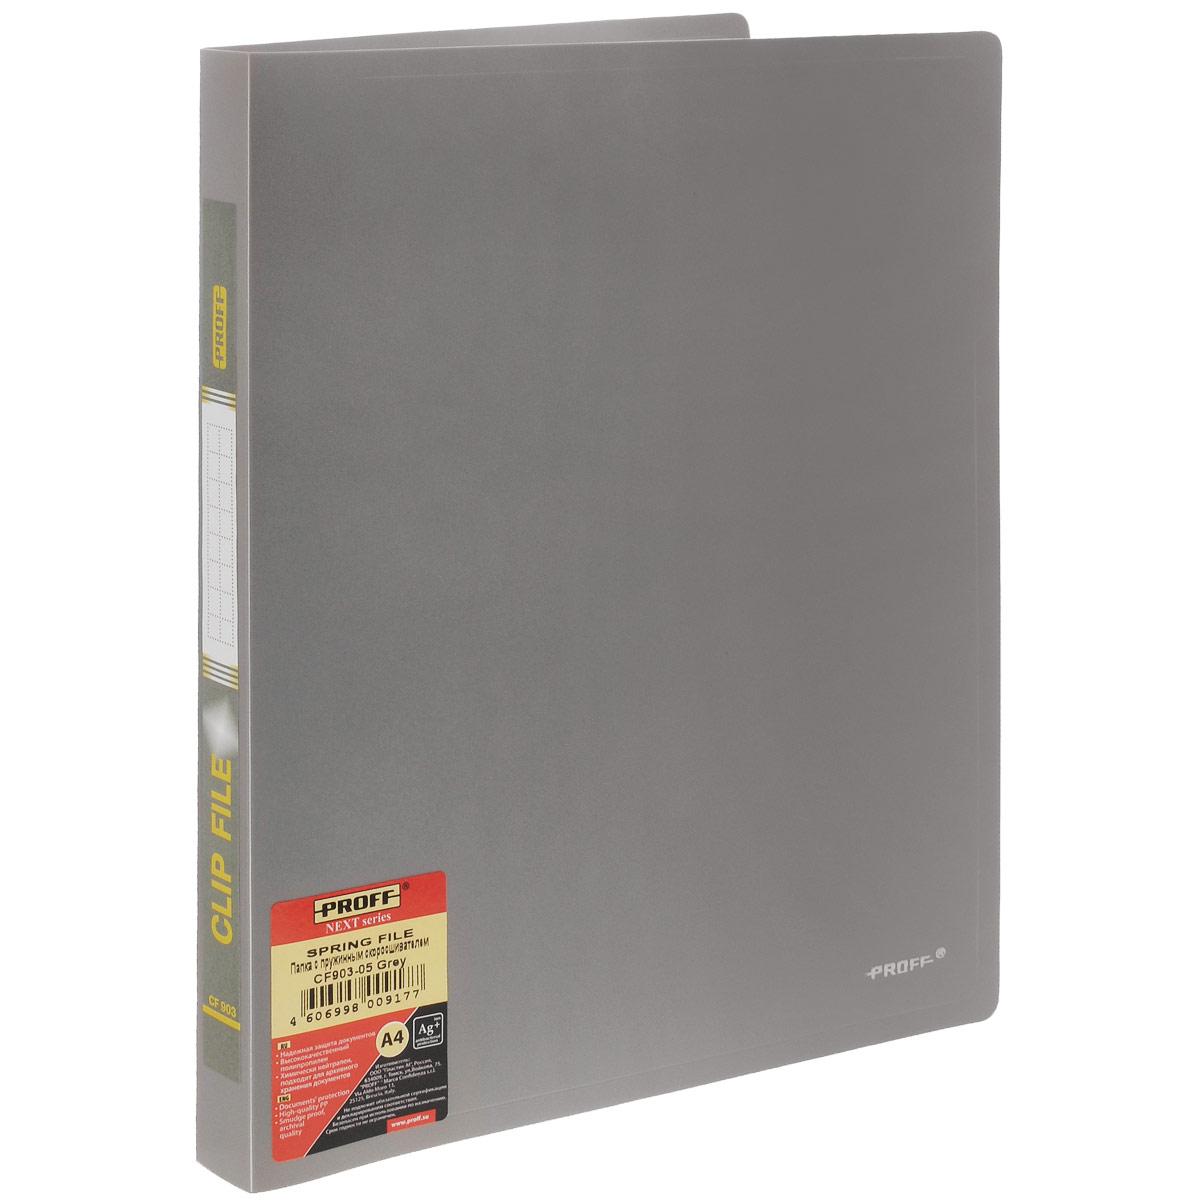 Папка-скоросшиватель Proff Next, цвет: серый. Формат А4. CF903-05 proff папка для черчения циркуль 10 листов